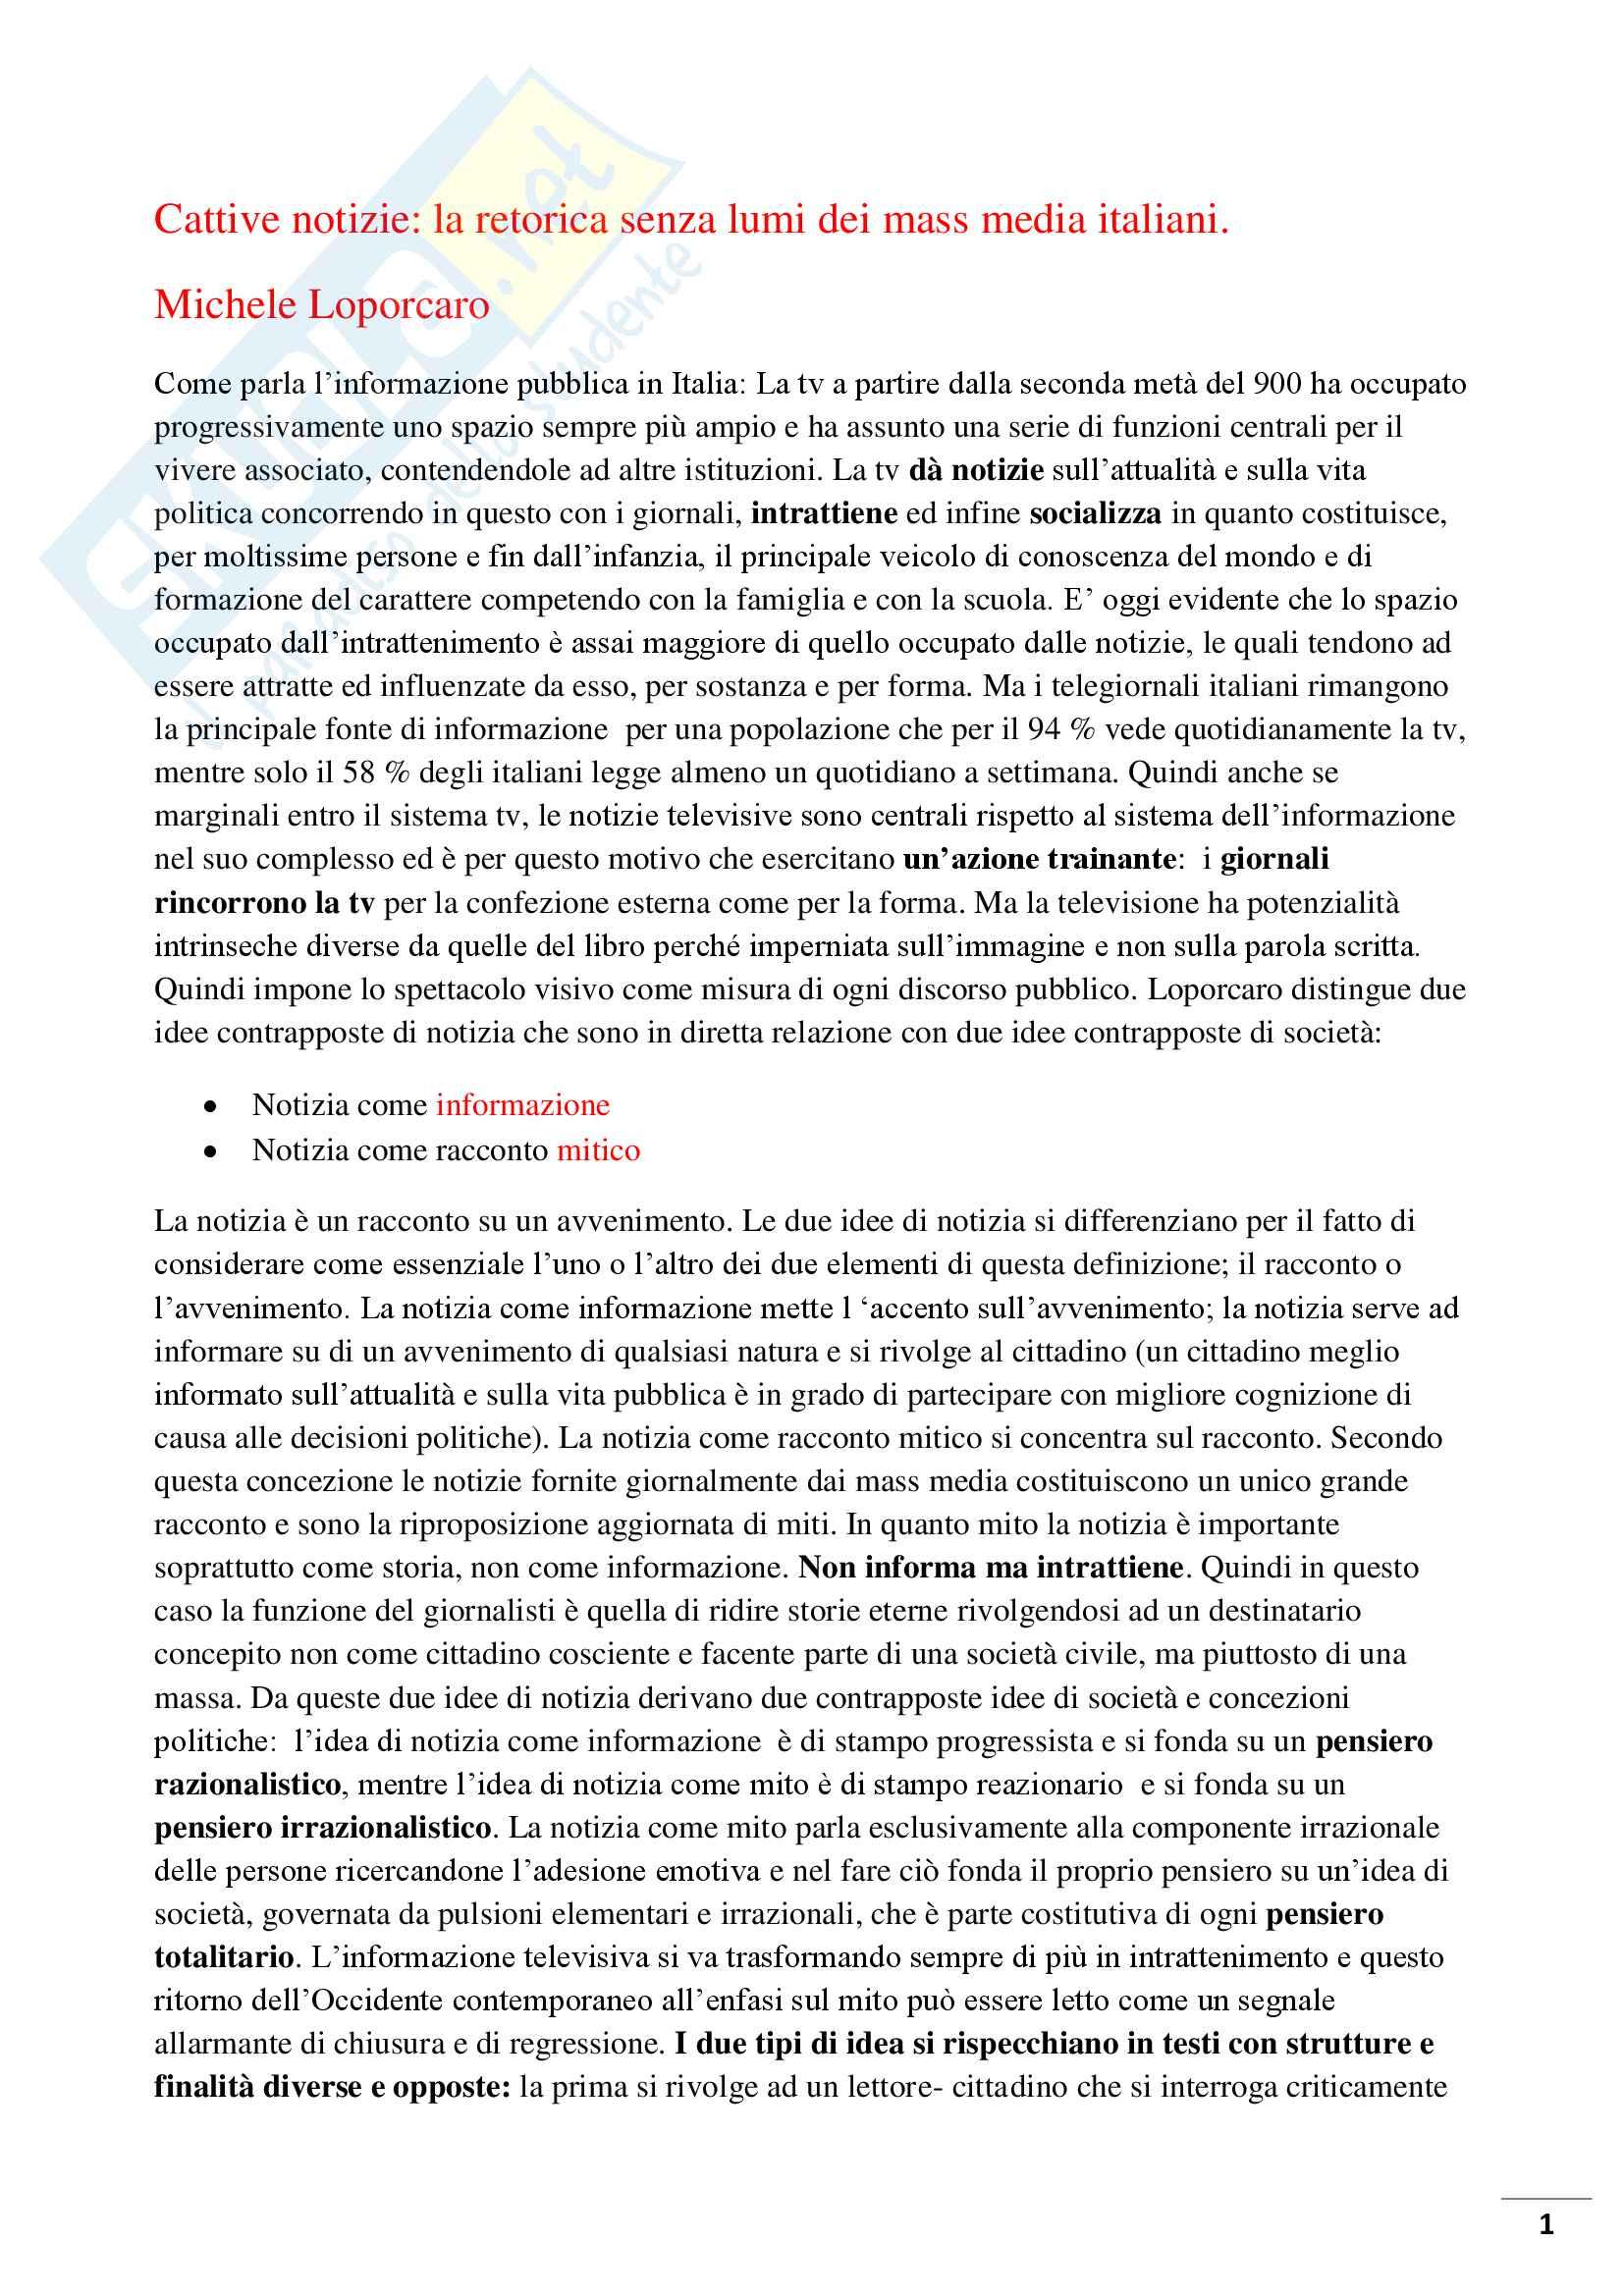 Riassunto esame Linguistica dei media, prof Bonomi, libro consigliato, Cattive notizie di Michele Loporcaro